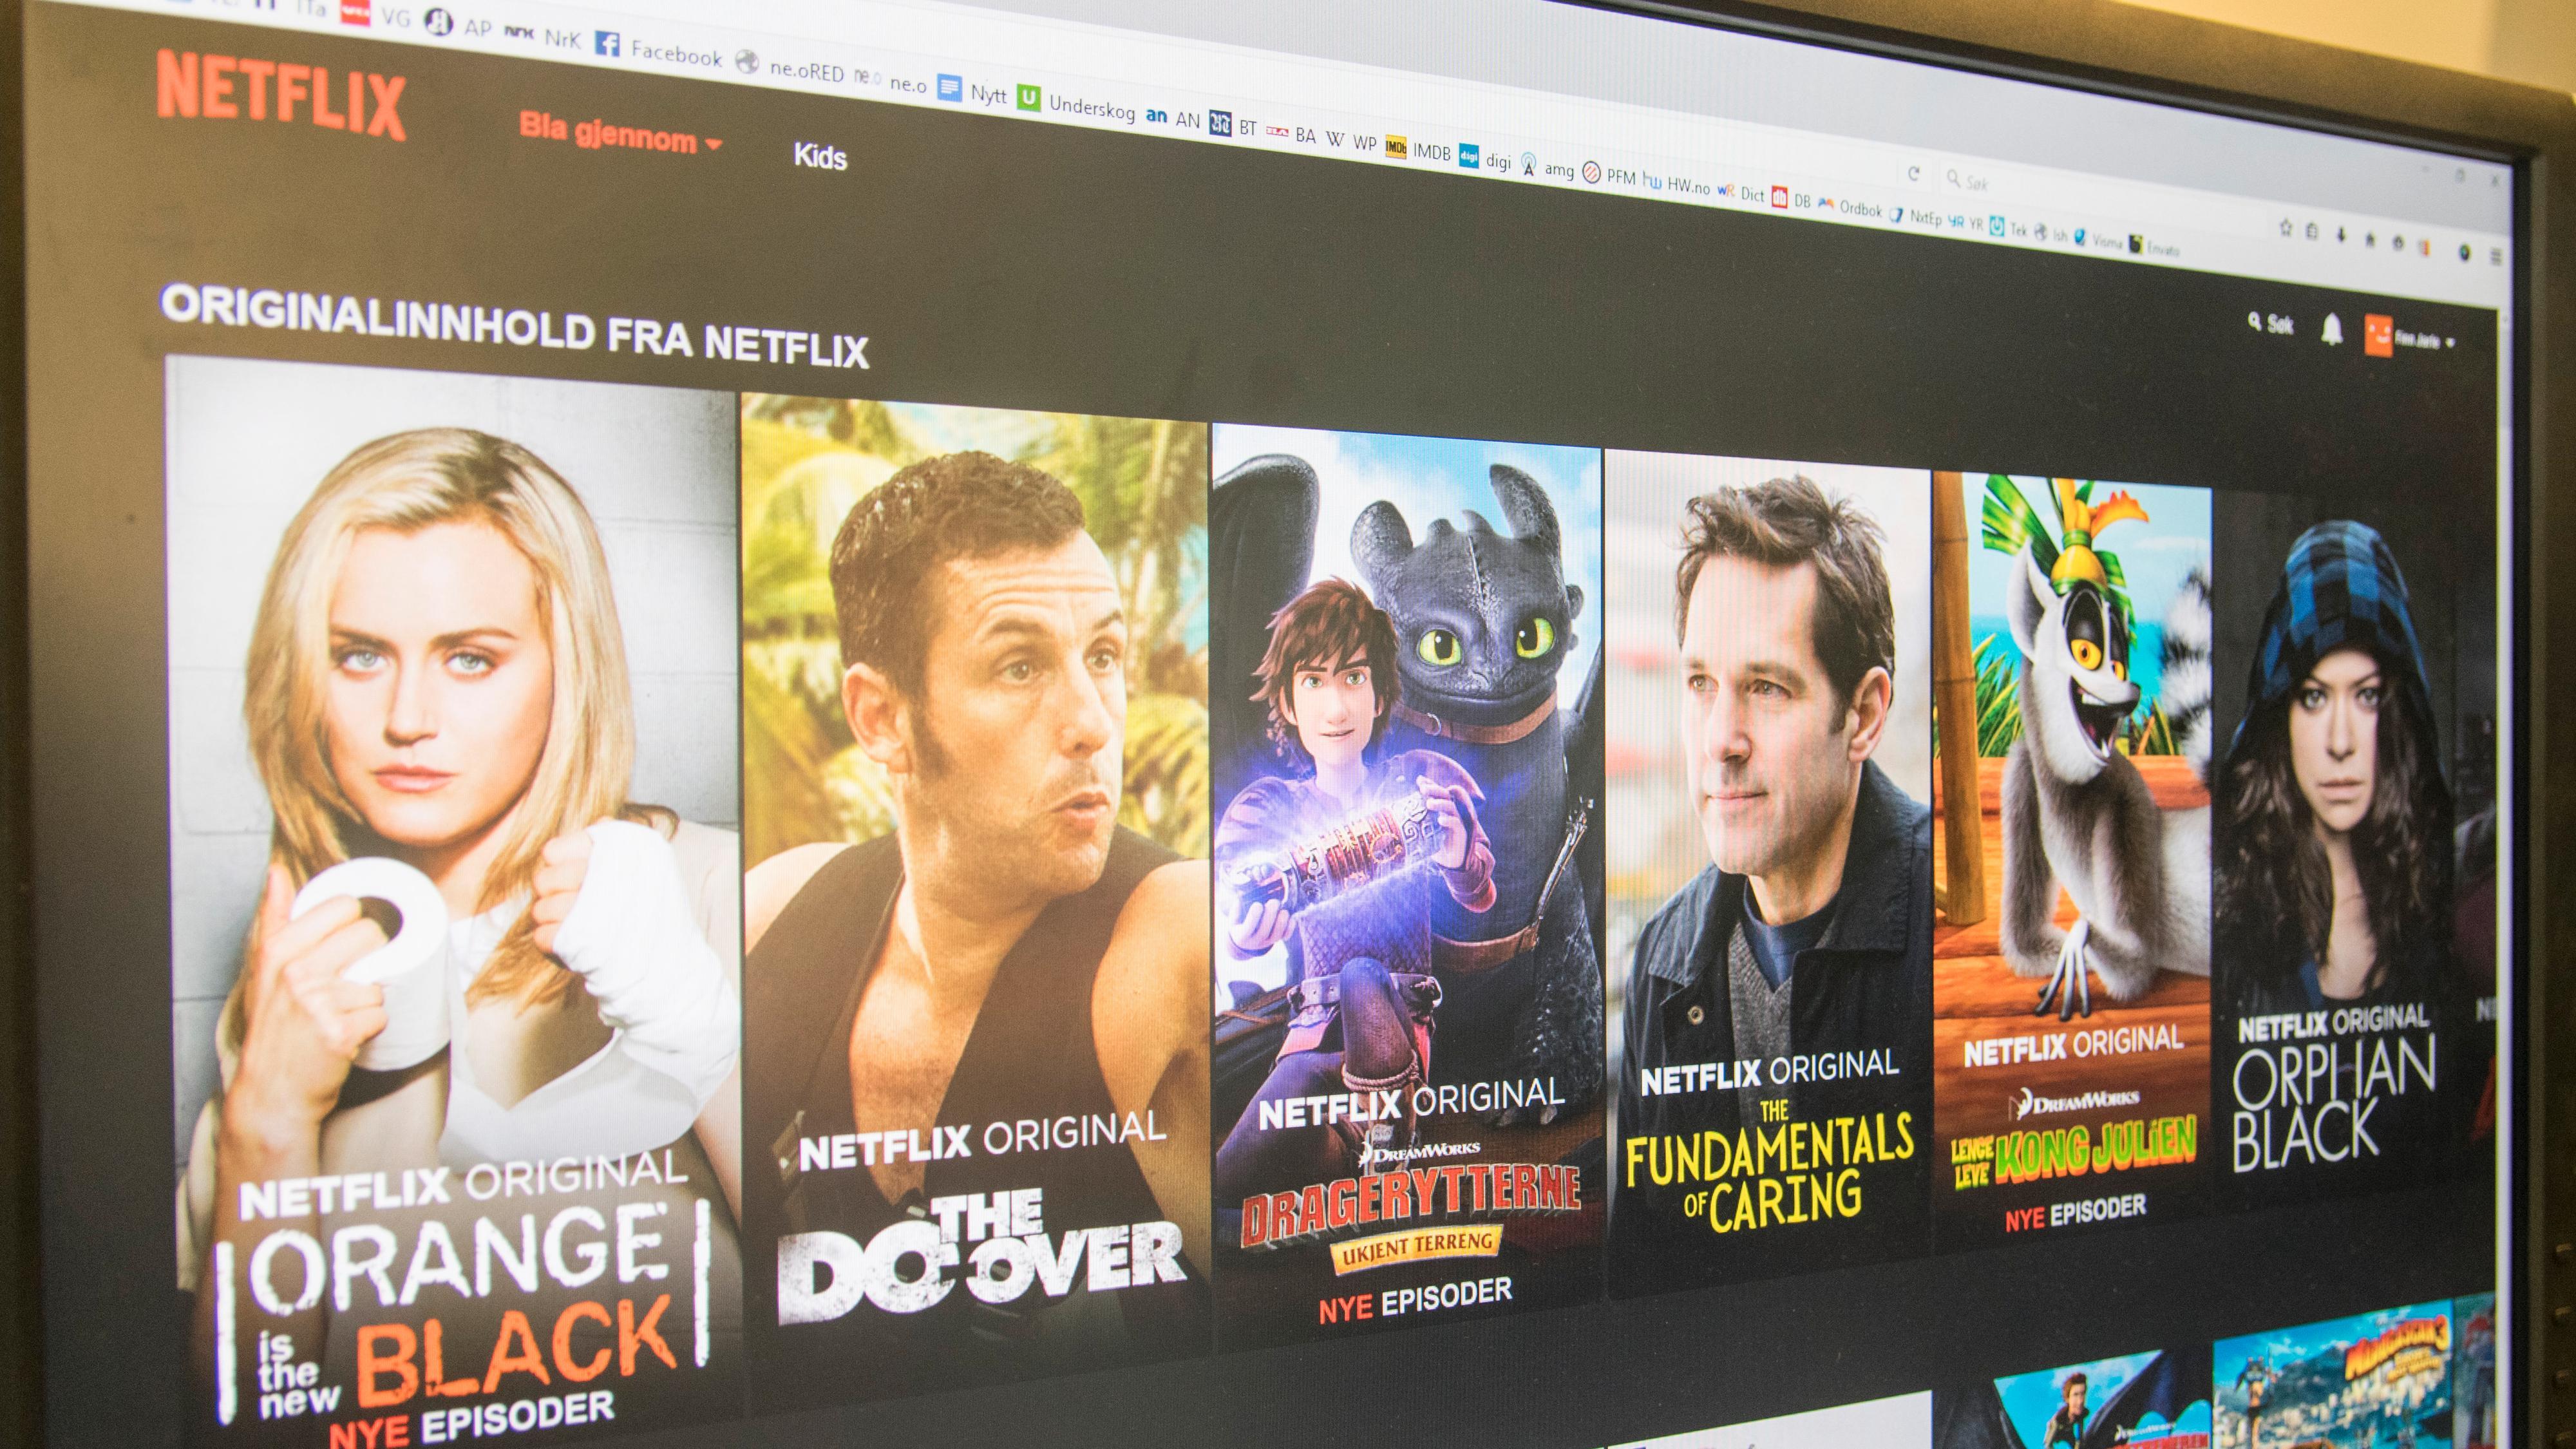 Foreslår P2P-nettverk for å gi global tilgang til Netflix-innholdet